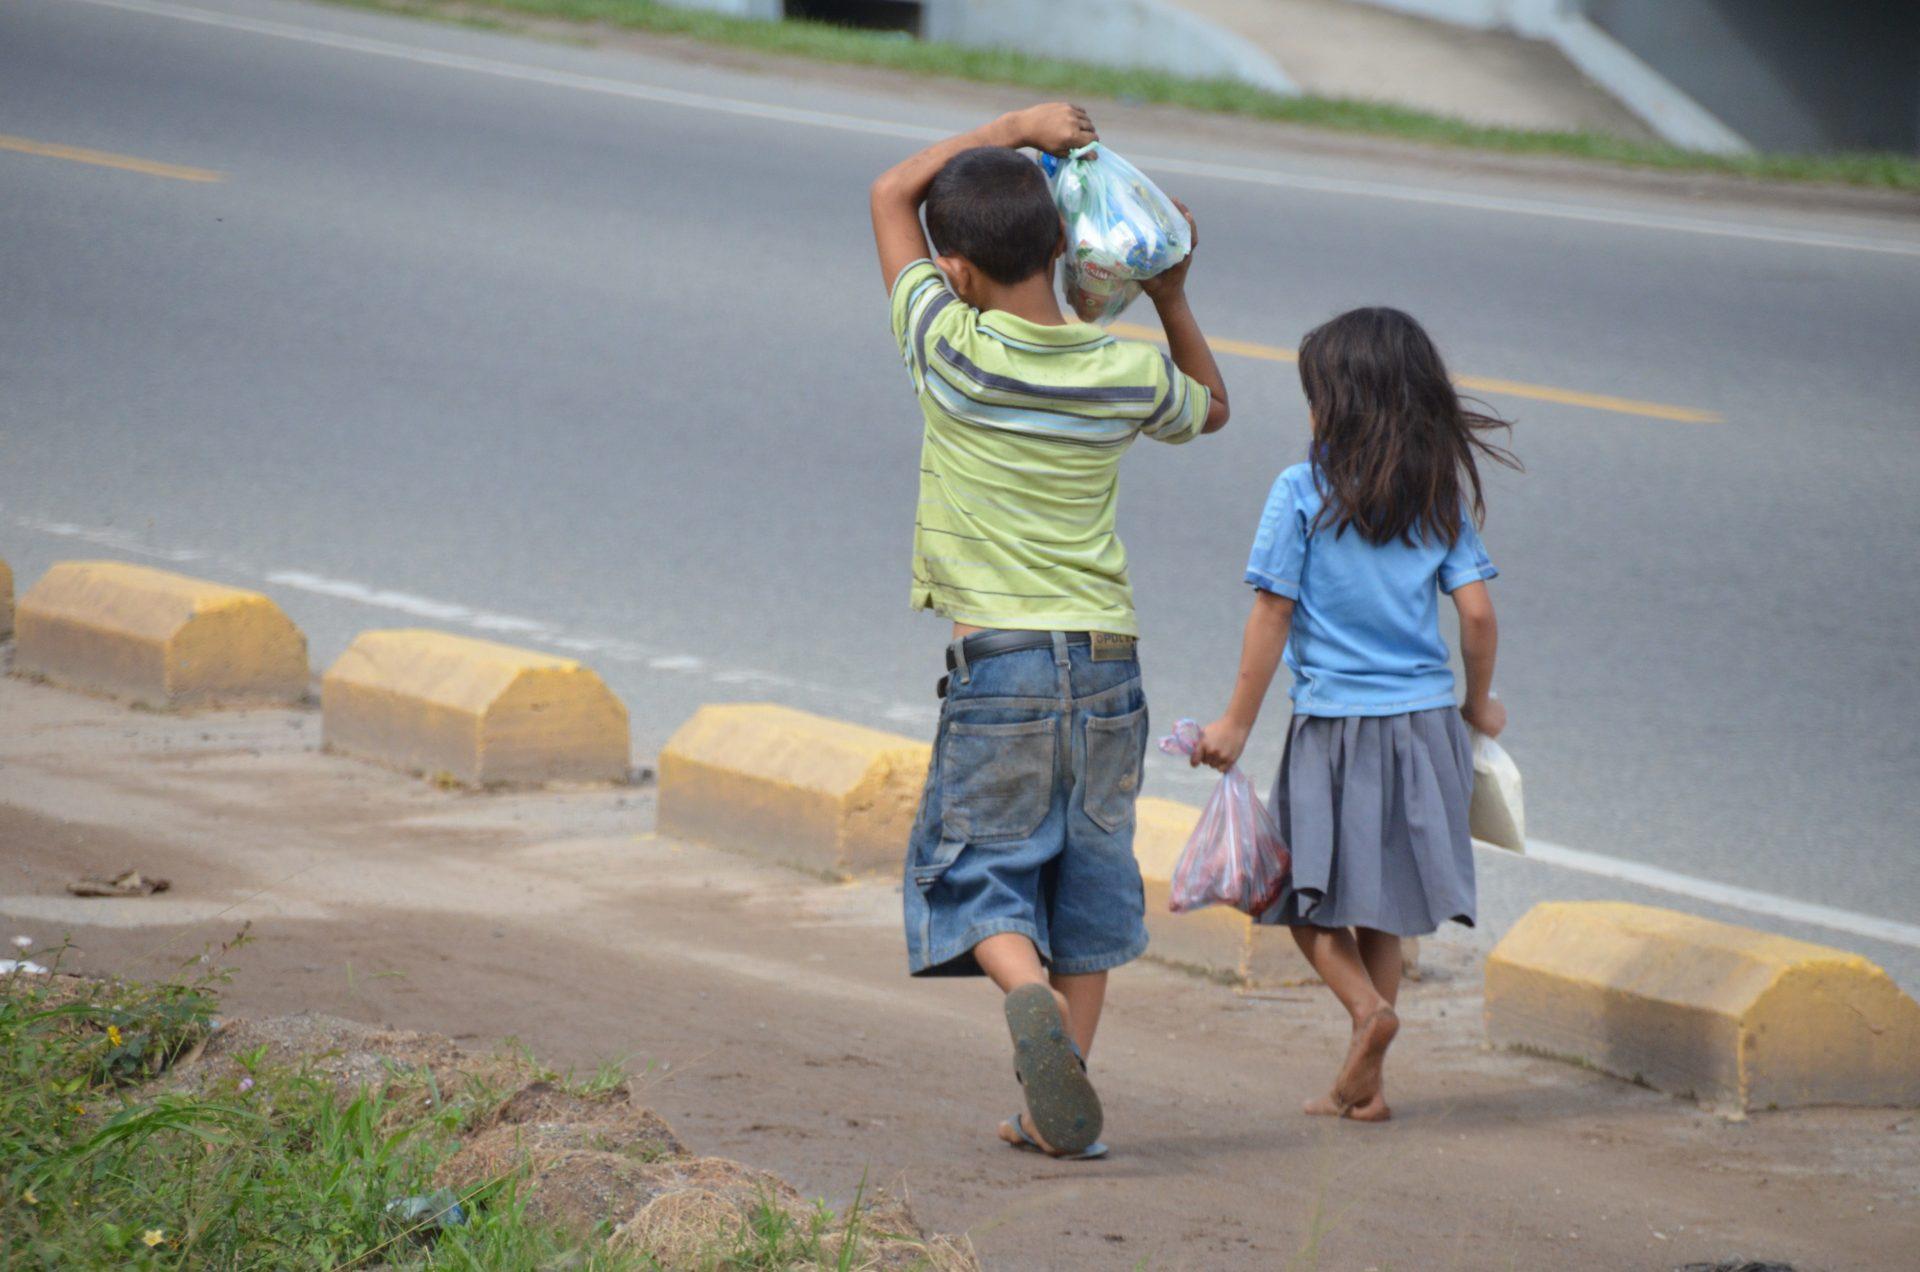 Kinderen lopen langs de weg in honduras